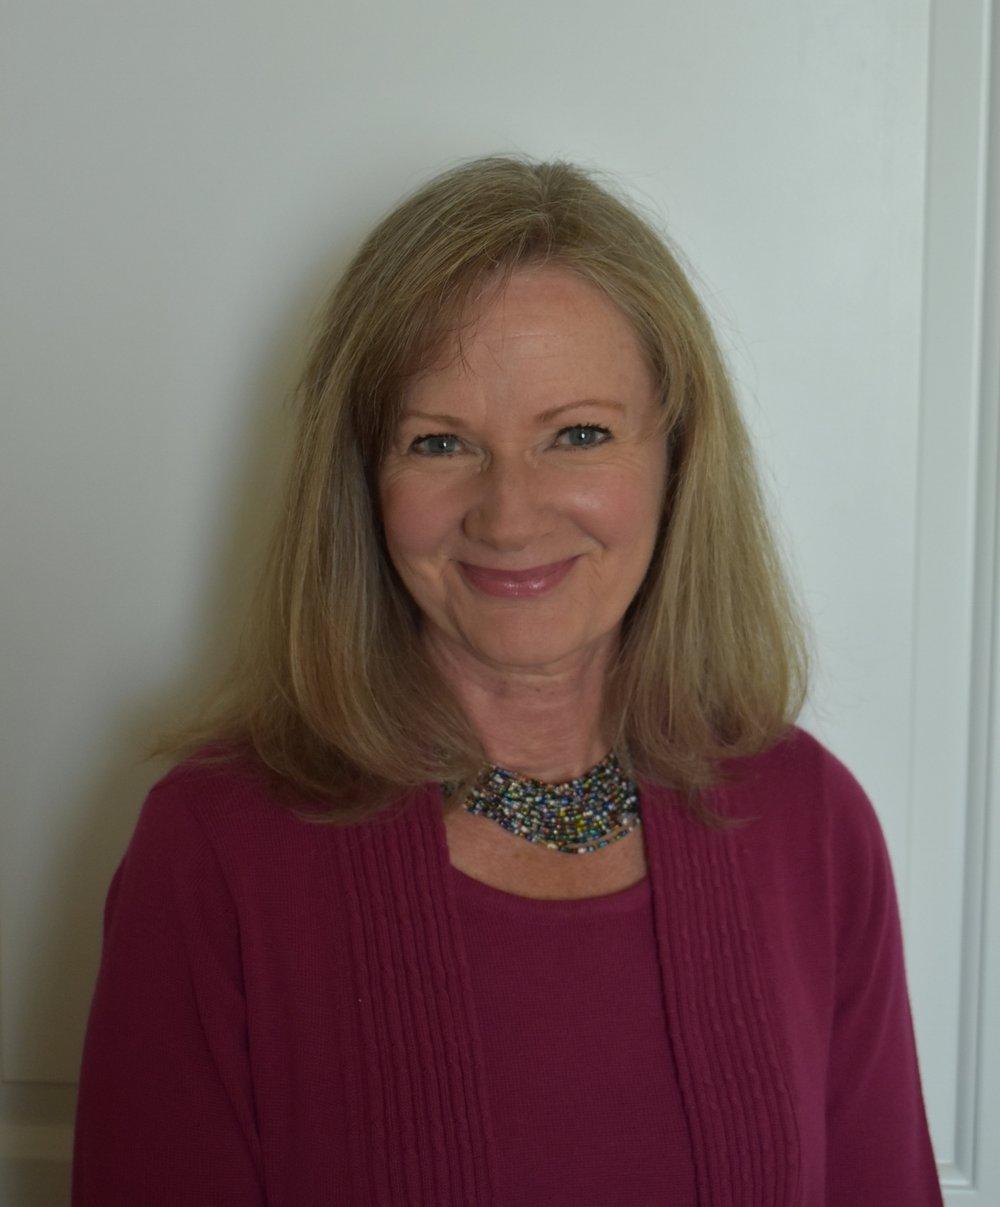 Vicki Quarles